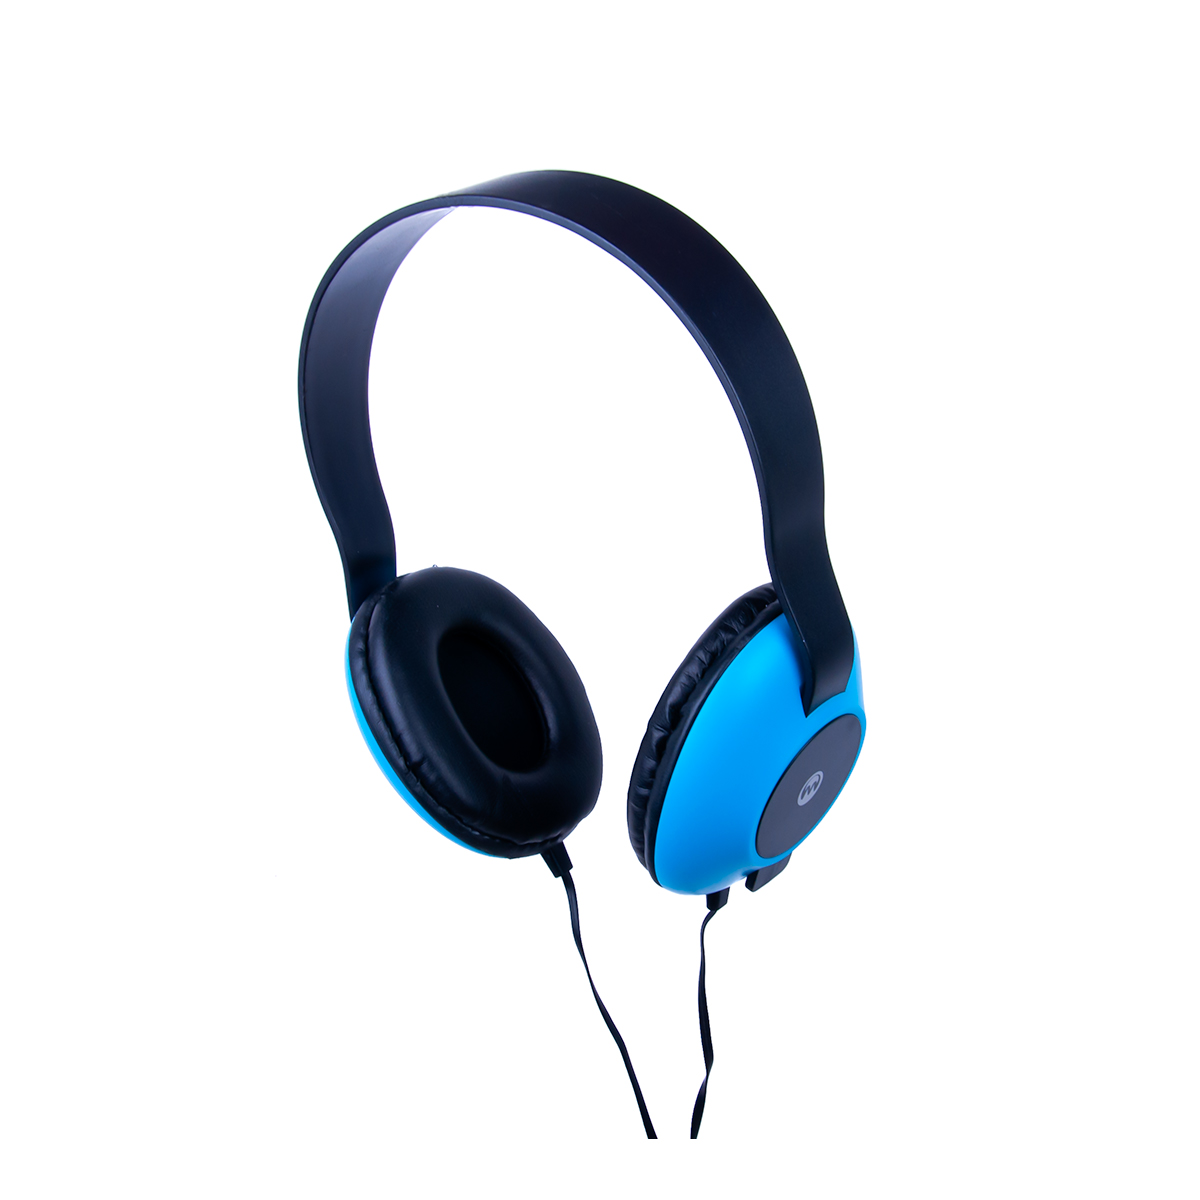 سماعة رأس العاب بلوتوث  موديل  MD047